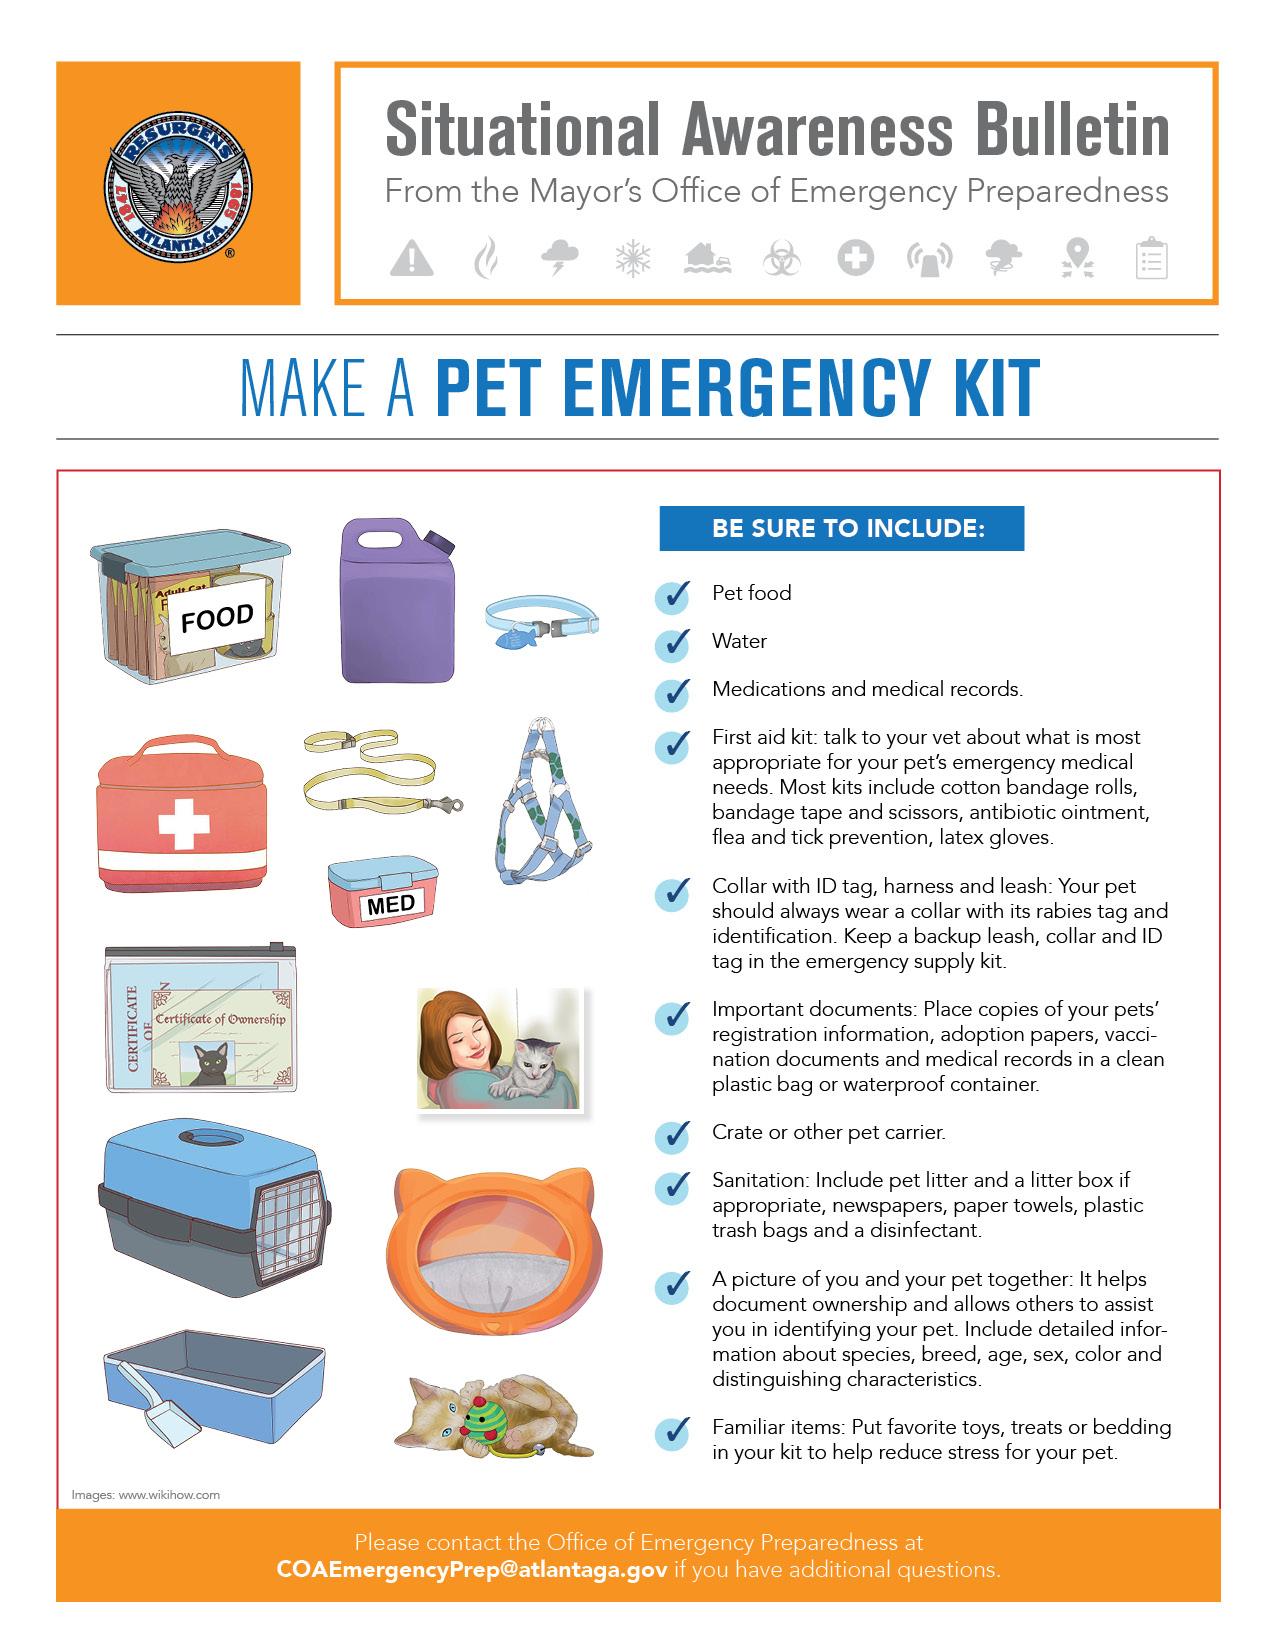 Making a Pet Emergency Kit